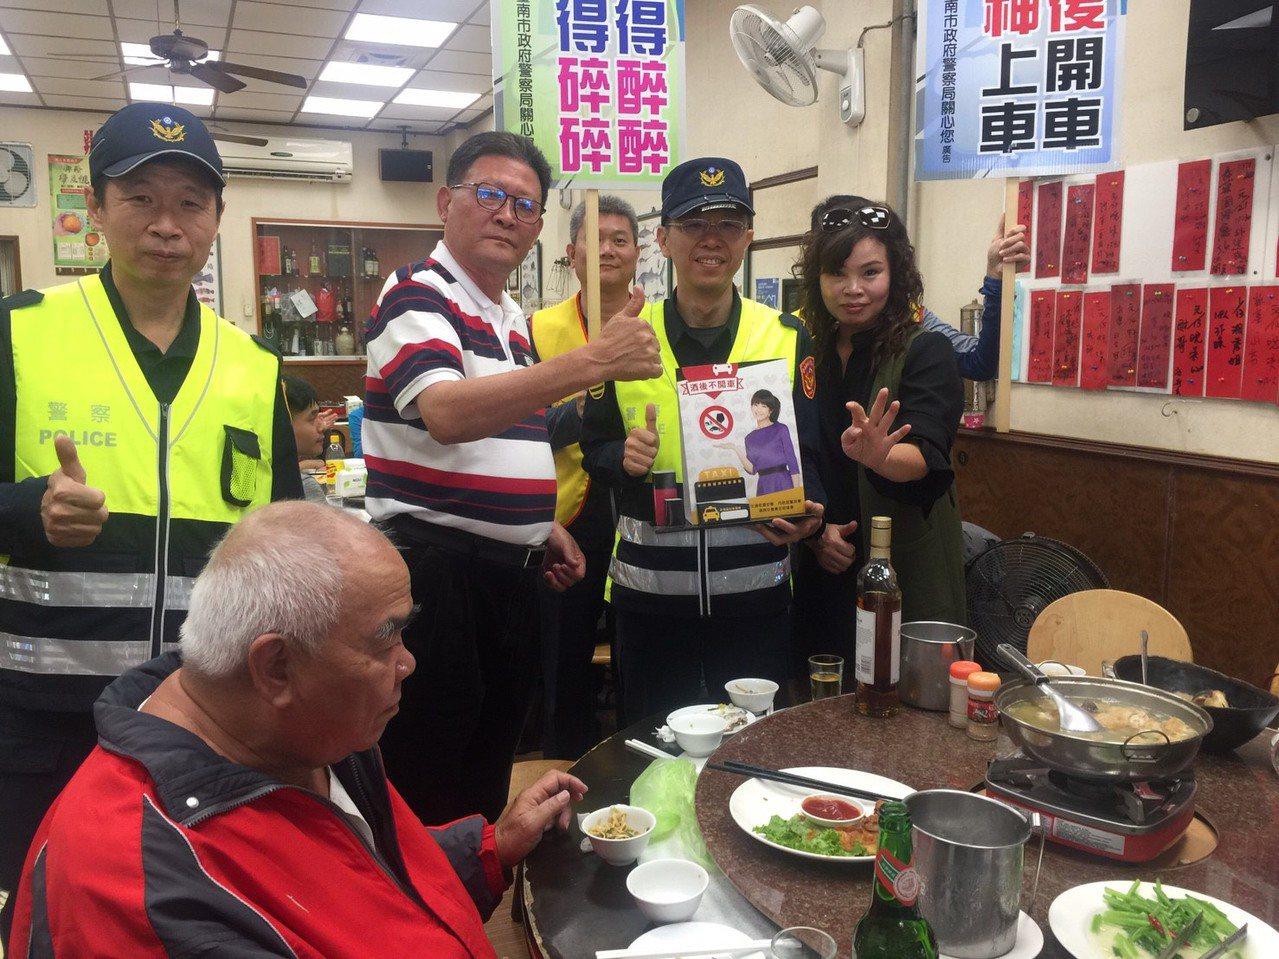 台南市交通警察大隊員警前往轄區餐廳宣導酒後不開車。圖/台南市交通大隊提供